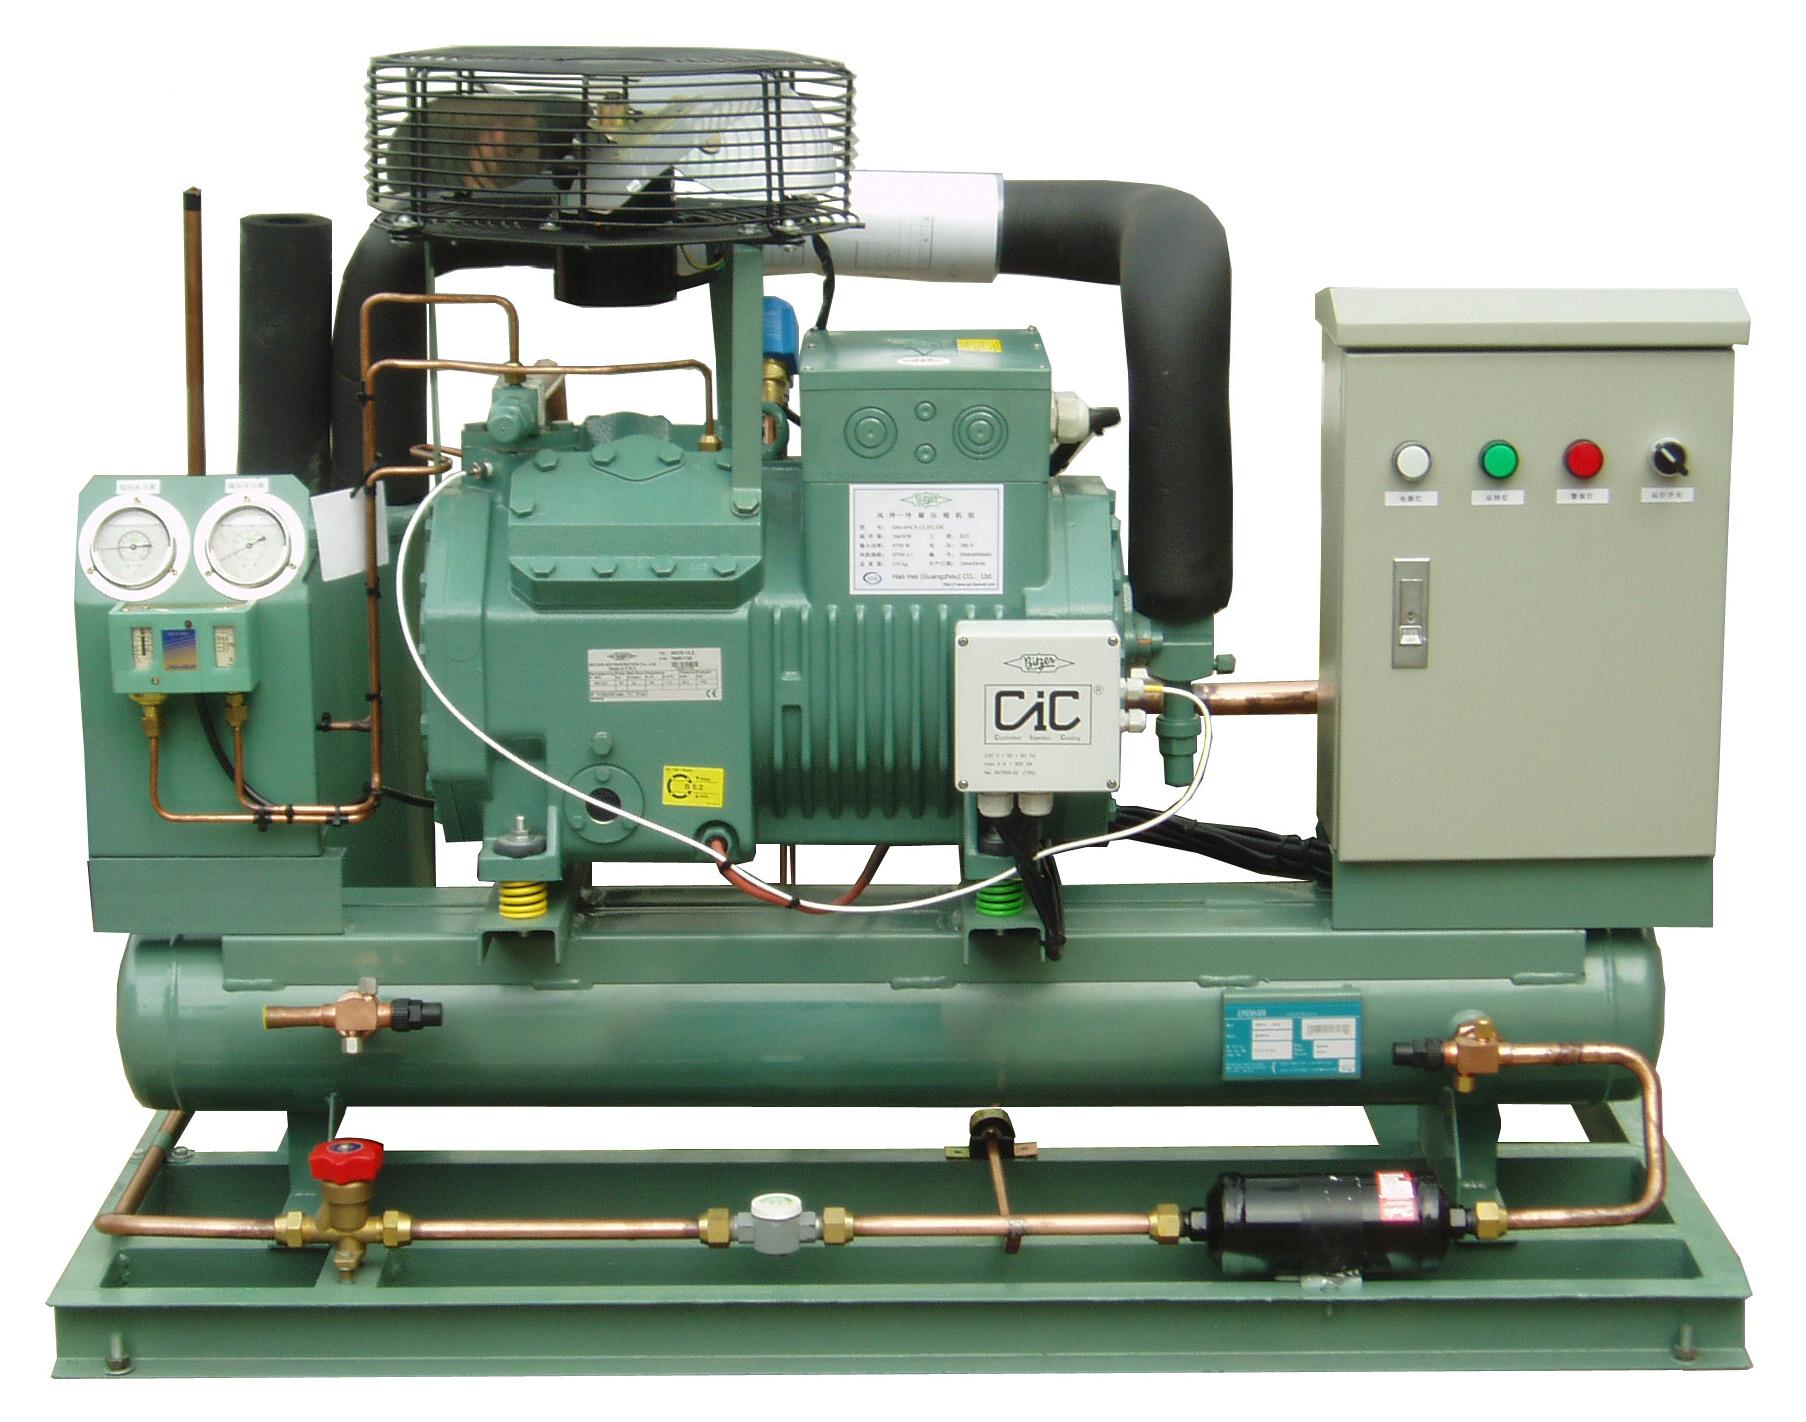 制冷设备导致冰堵的原因及其维修方法